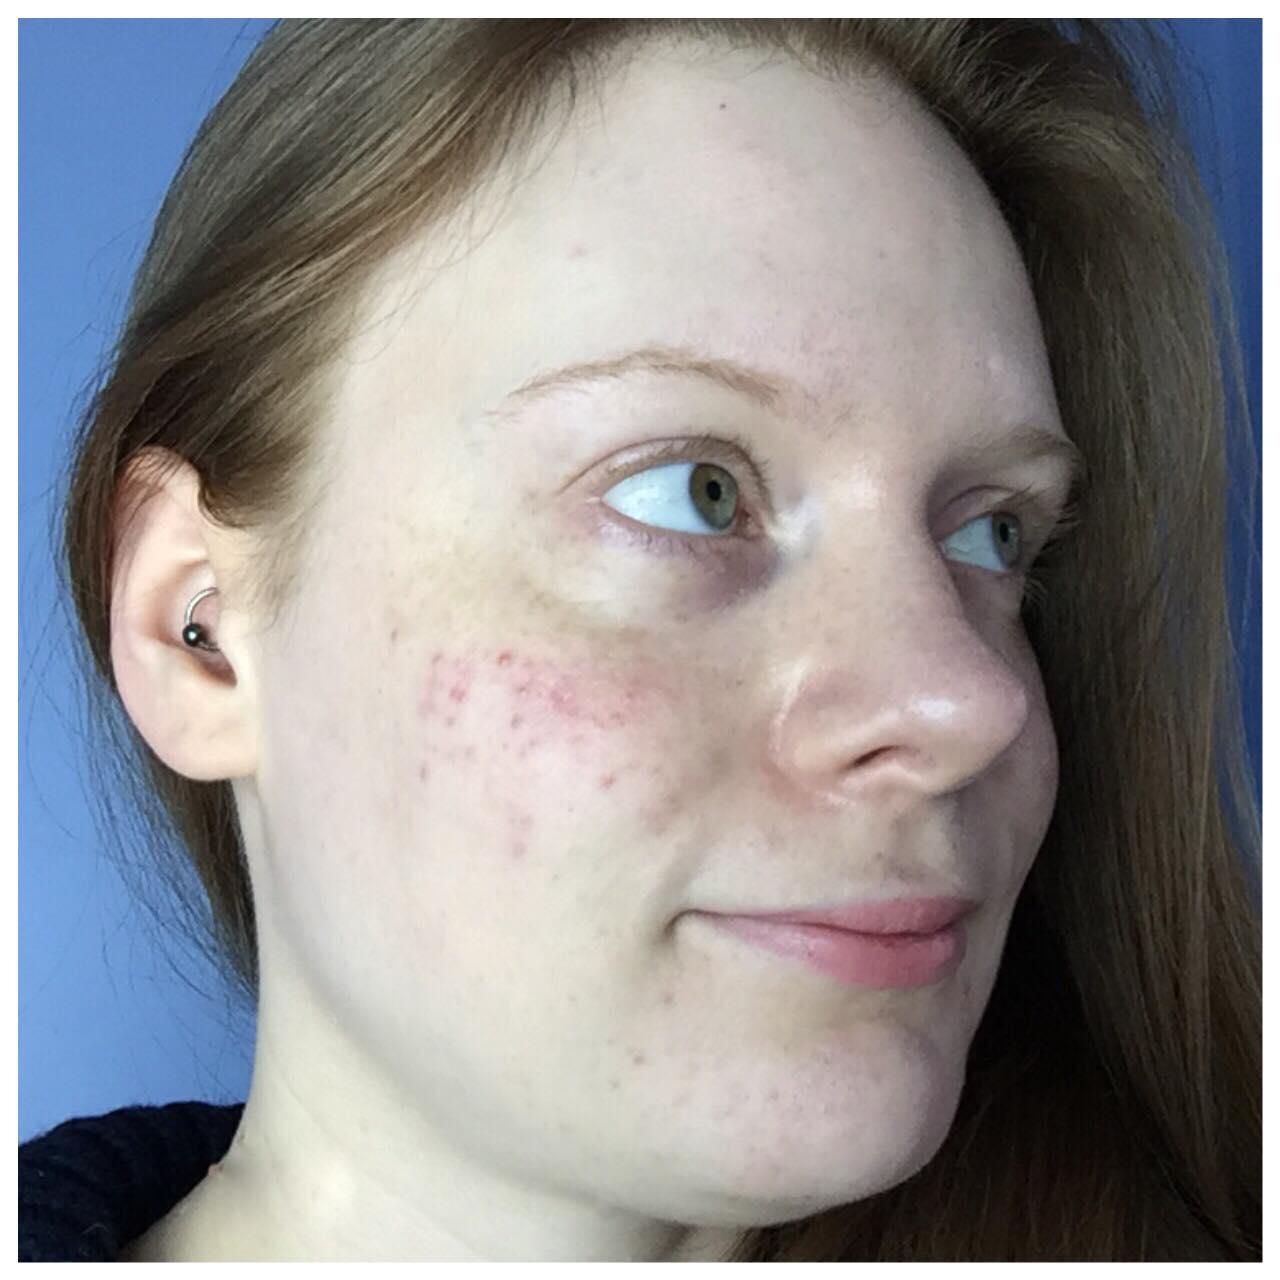 Bare face - right